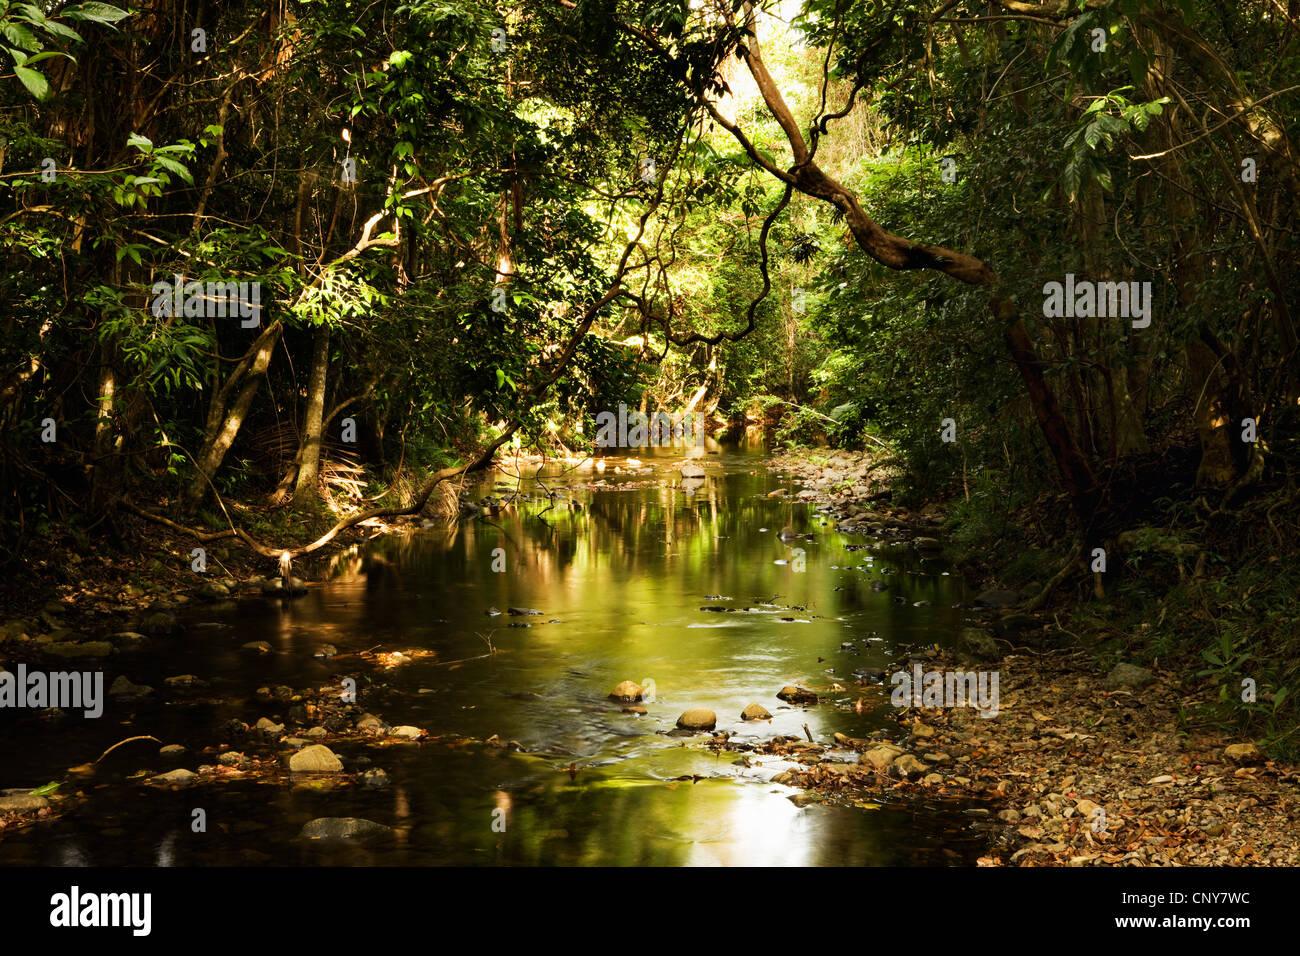 Brook à travers la forêt luxuriante, l'Australie, Queensland, parc national de Daintree Photo Stock